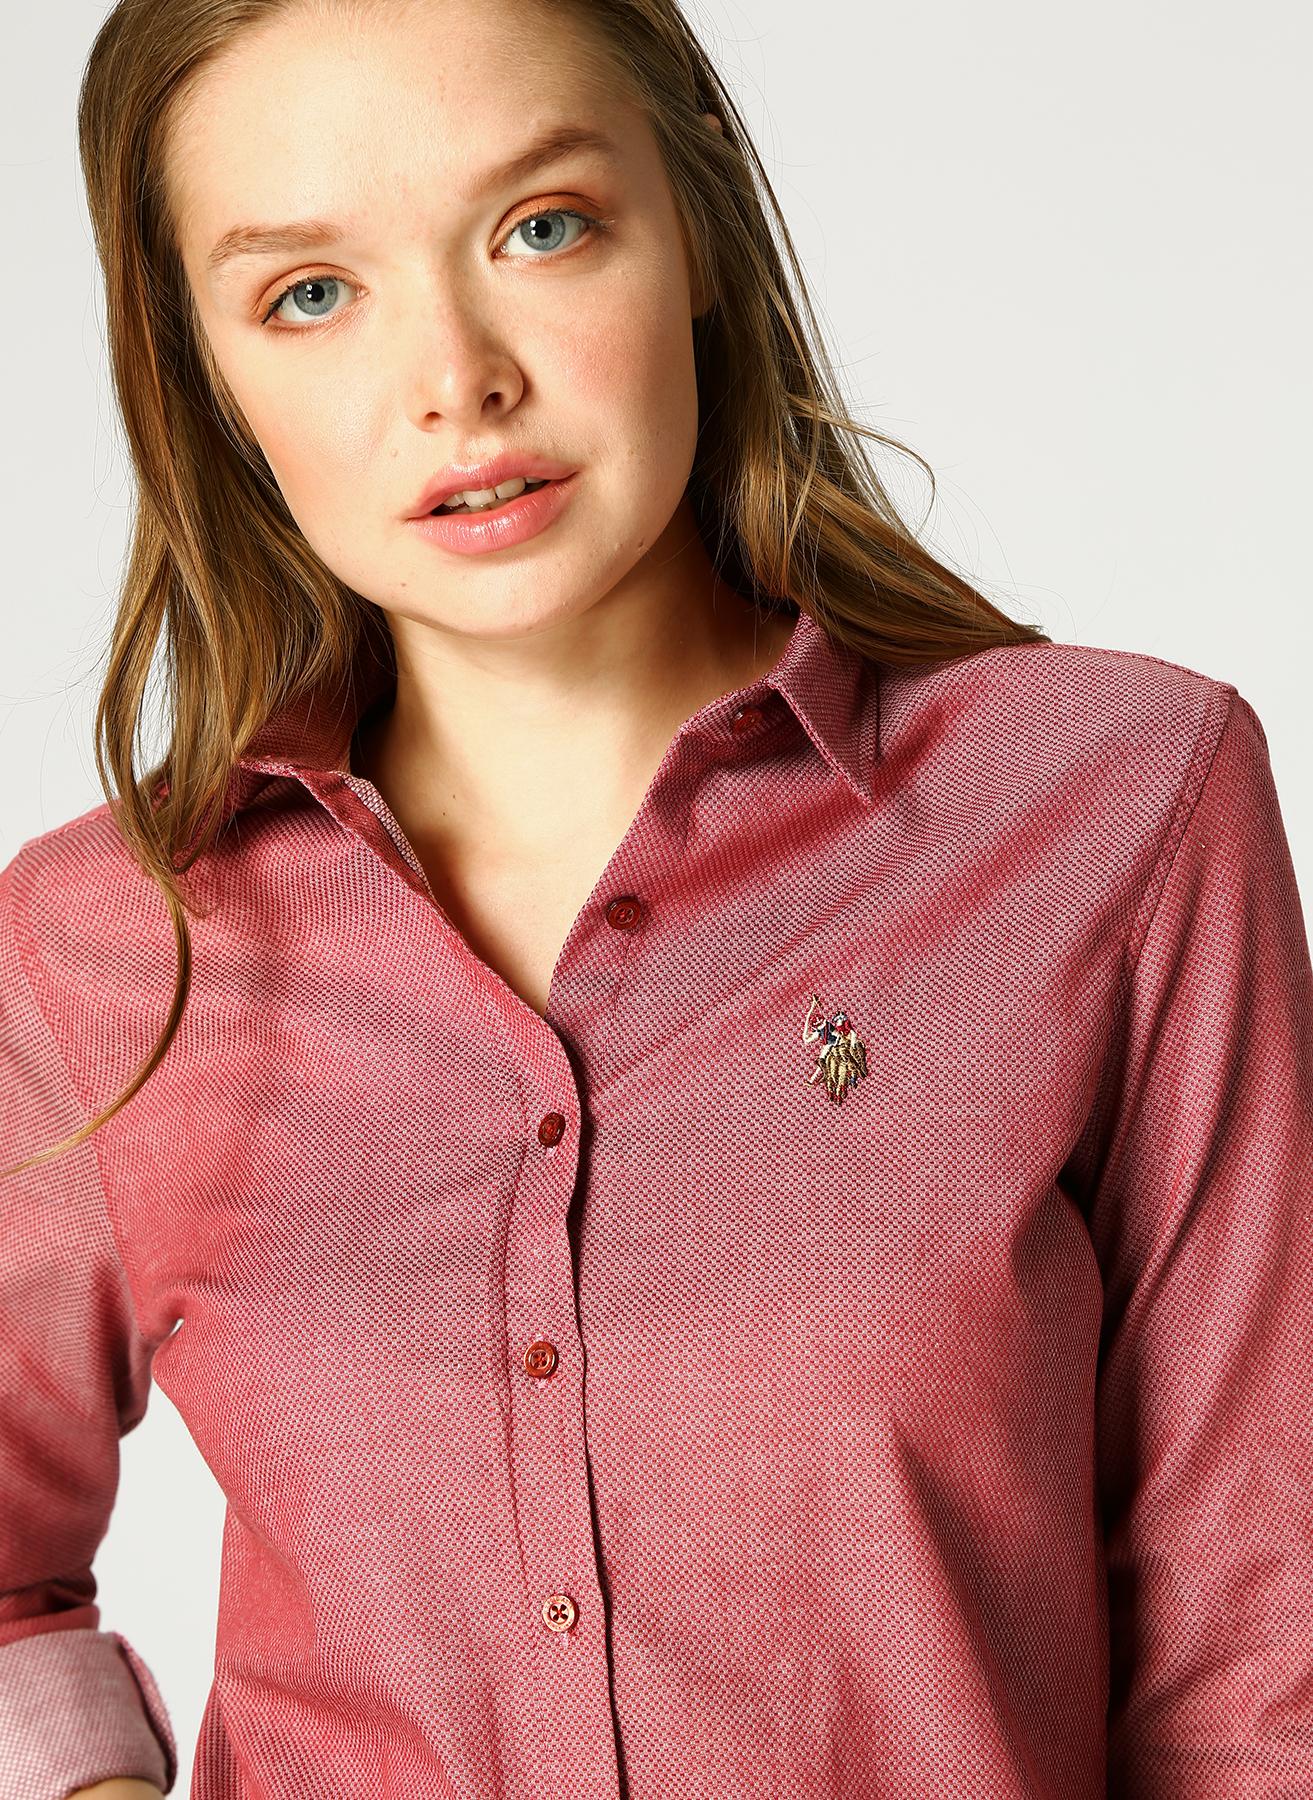 U.S. Polo Assn. Bordo Gömlek 34 5001733328005 Ürün Resmi